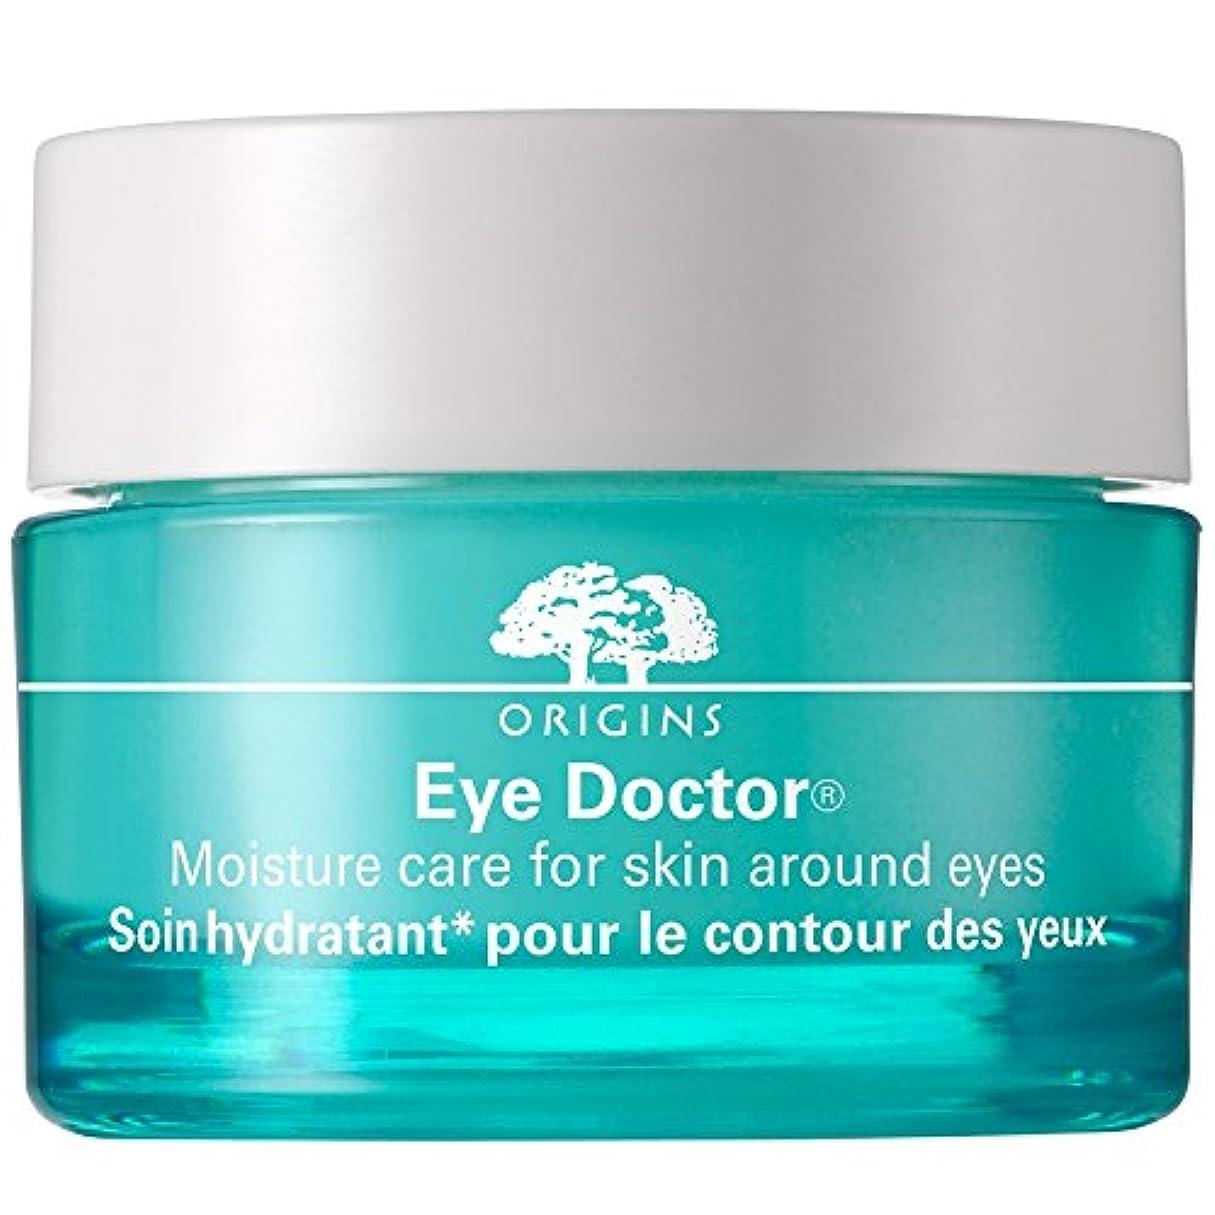 草外観懲戒目の15ミリリットルの周りの肌のための水分ケアDoctor?起源目 (Origins) (x2) - Origins Eye Doctor? Moisture Care For Skin Around Eyes 15ml...